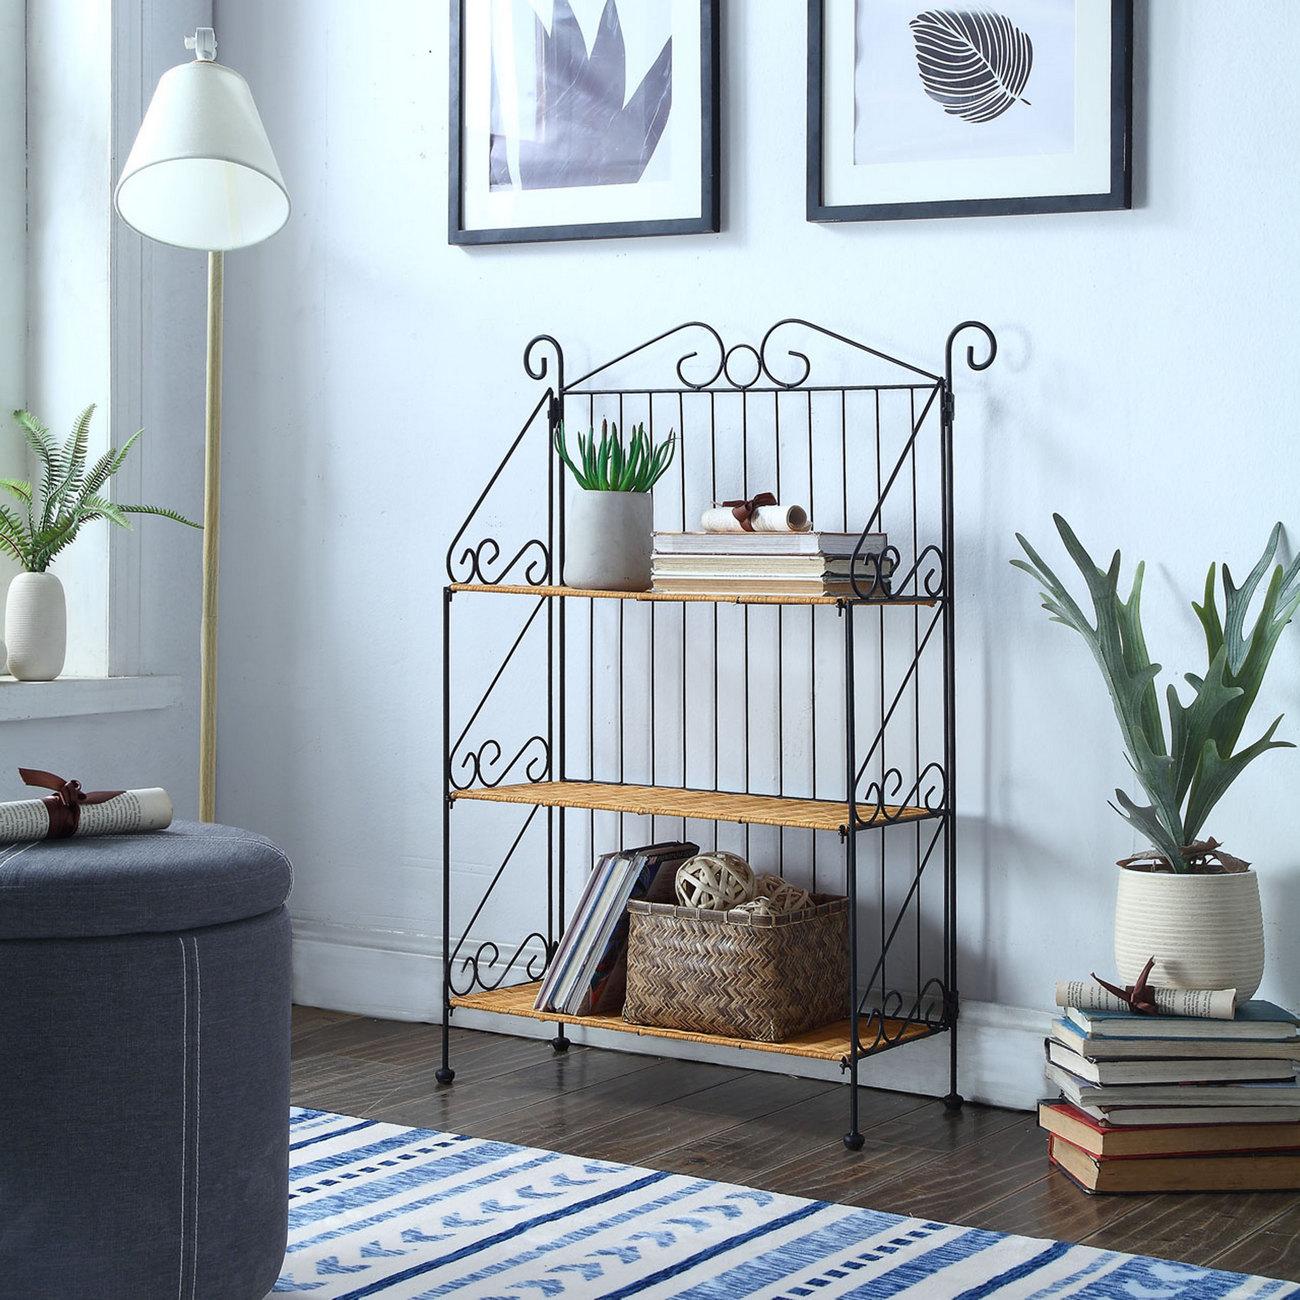 3 Tier Bookcase - 4D Concepts 143014